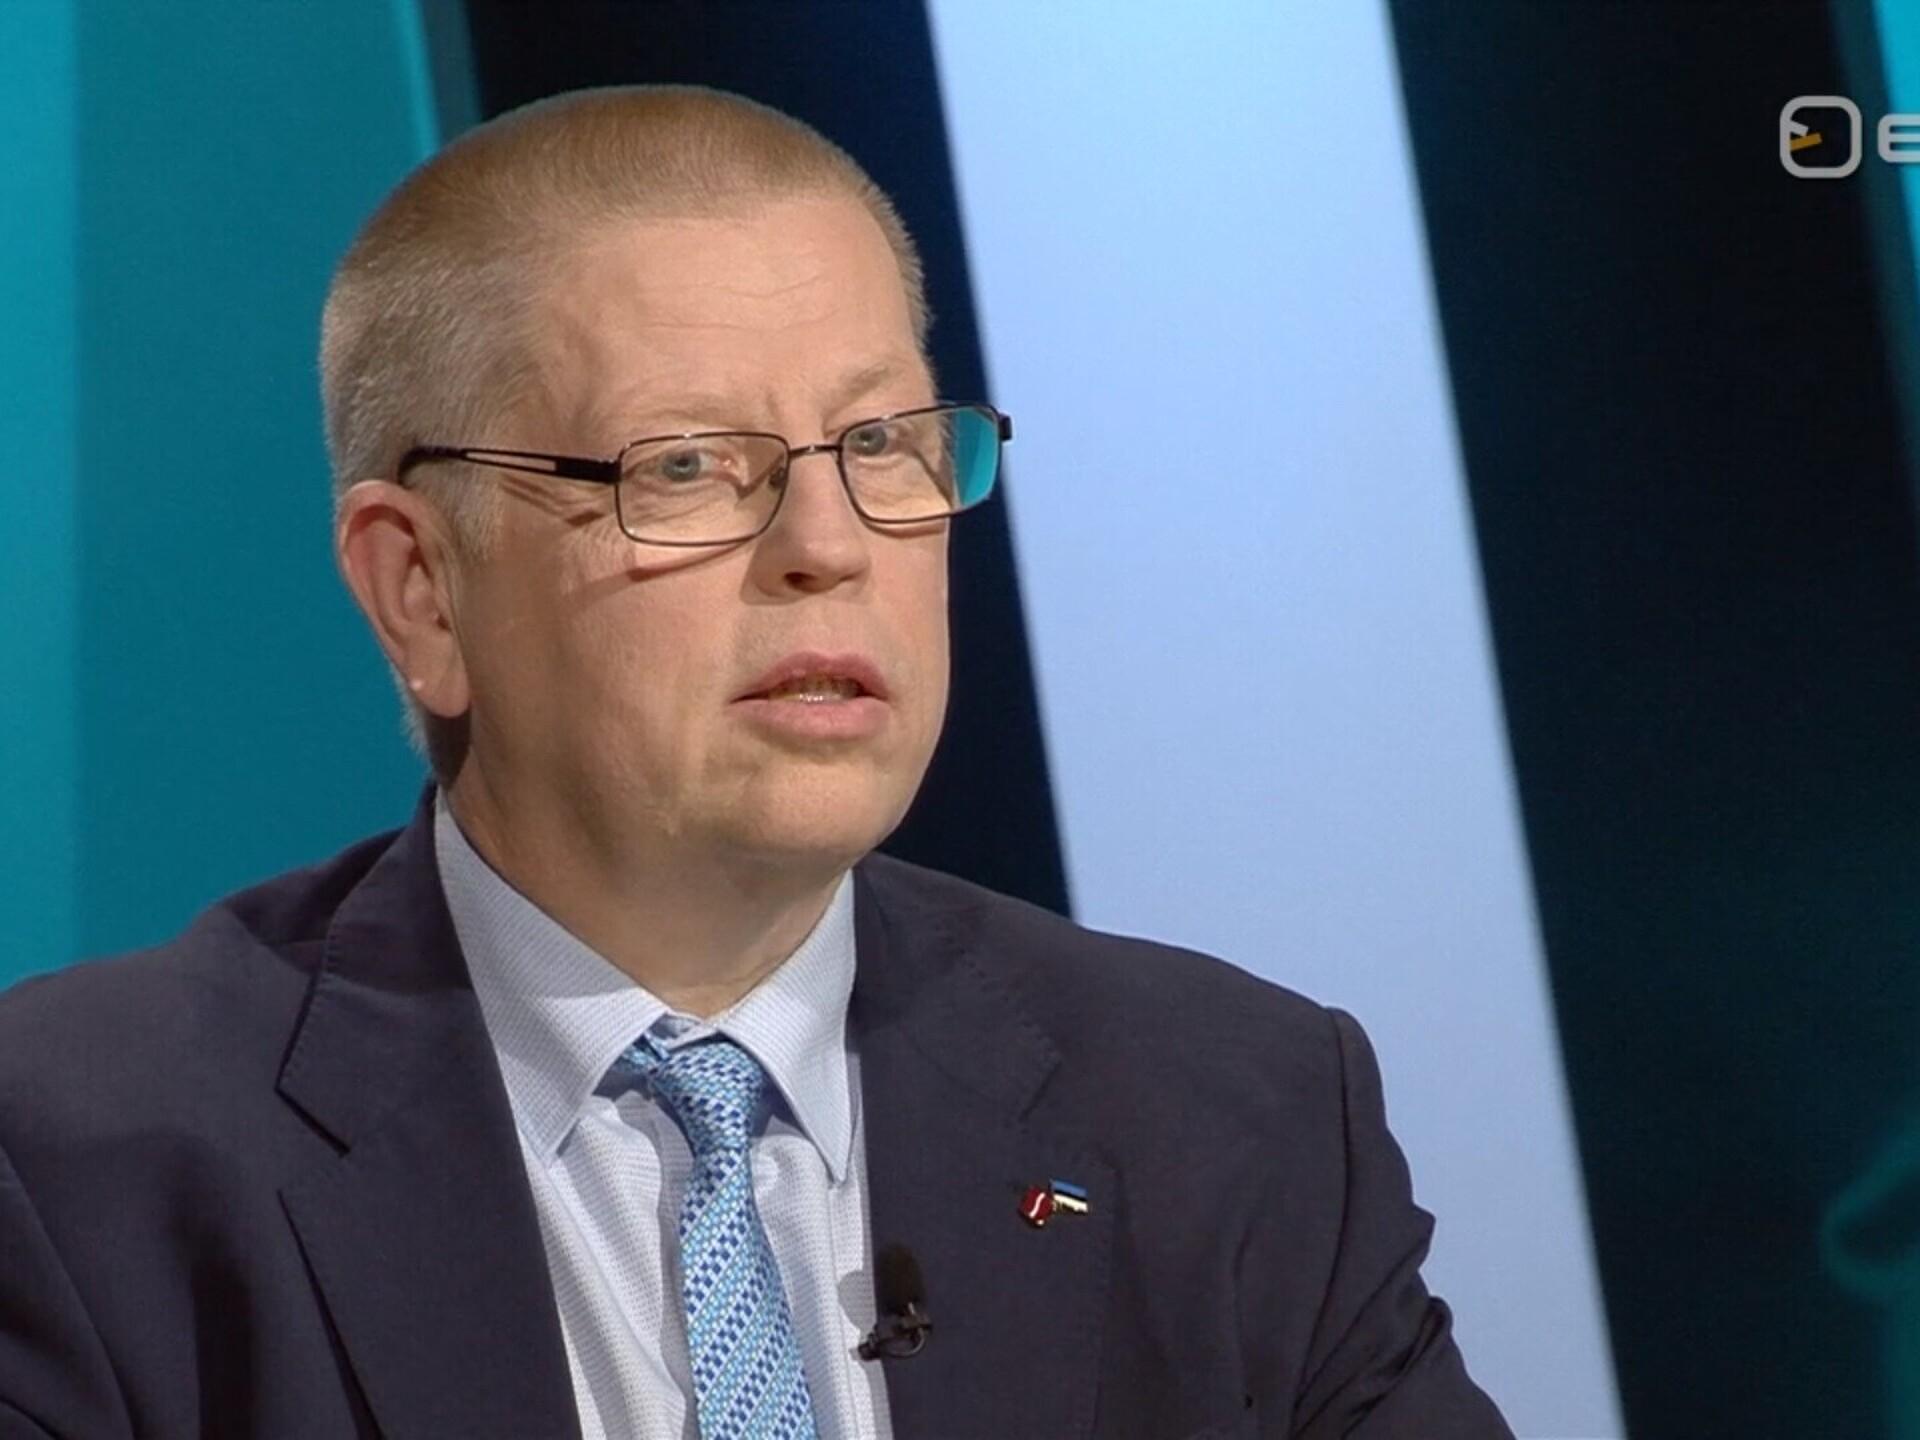 c97454ceb54 Peeter Tali: Venemaad ei maksa karta, aga ülemäära usaldada ka ei tasu |  Eesti | ERR